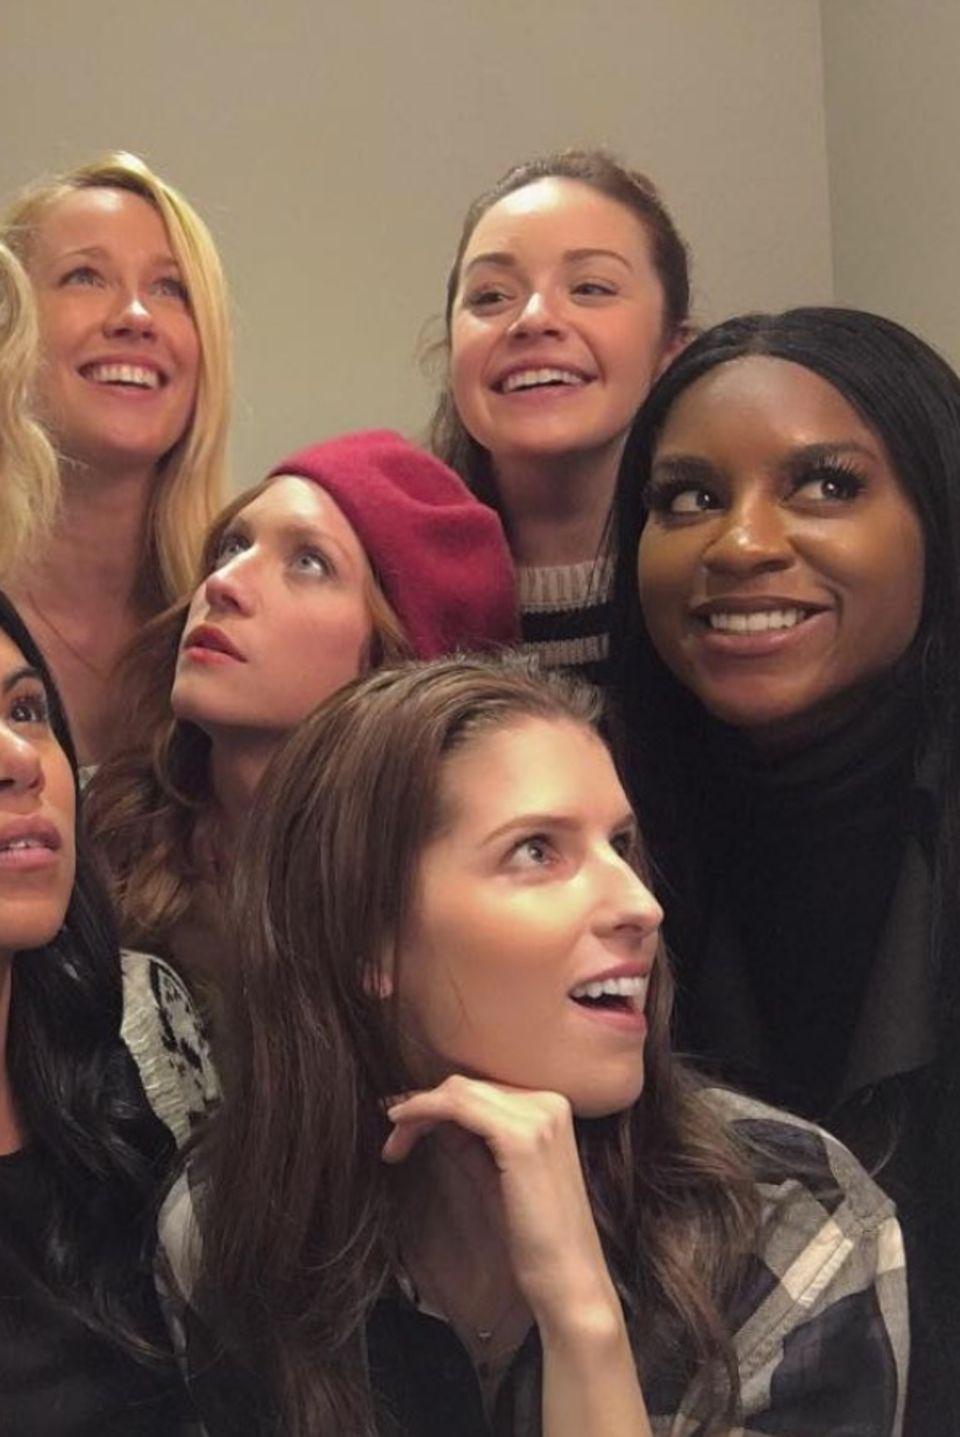 Anna Kendrick, Rebel Wilson und Co.  Wiedervereinigung der Pitch Perfect Gang. Schauspielerin Anna Kendrick postet dieses Bild auf ihrem Instagram Account.